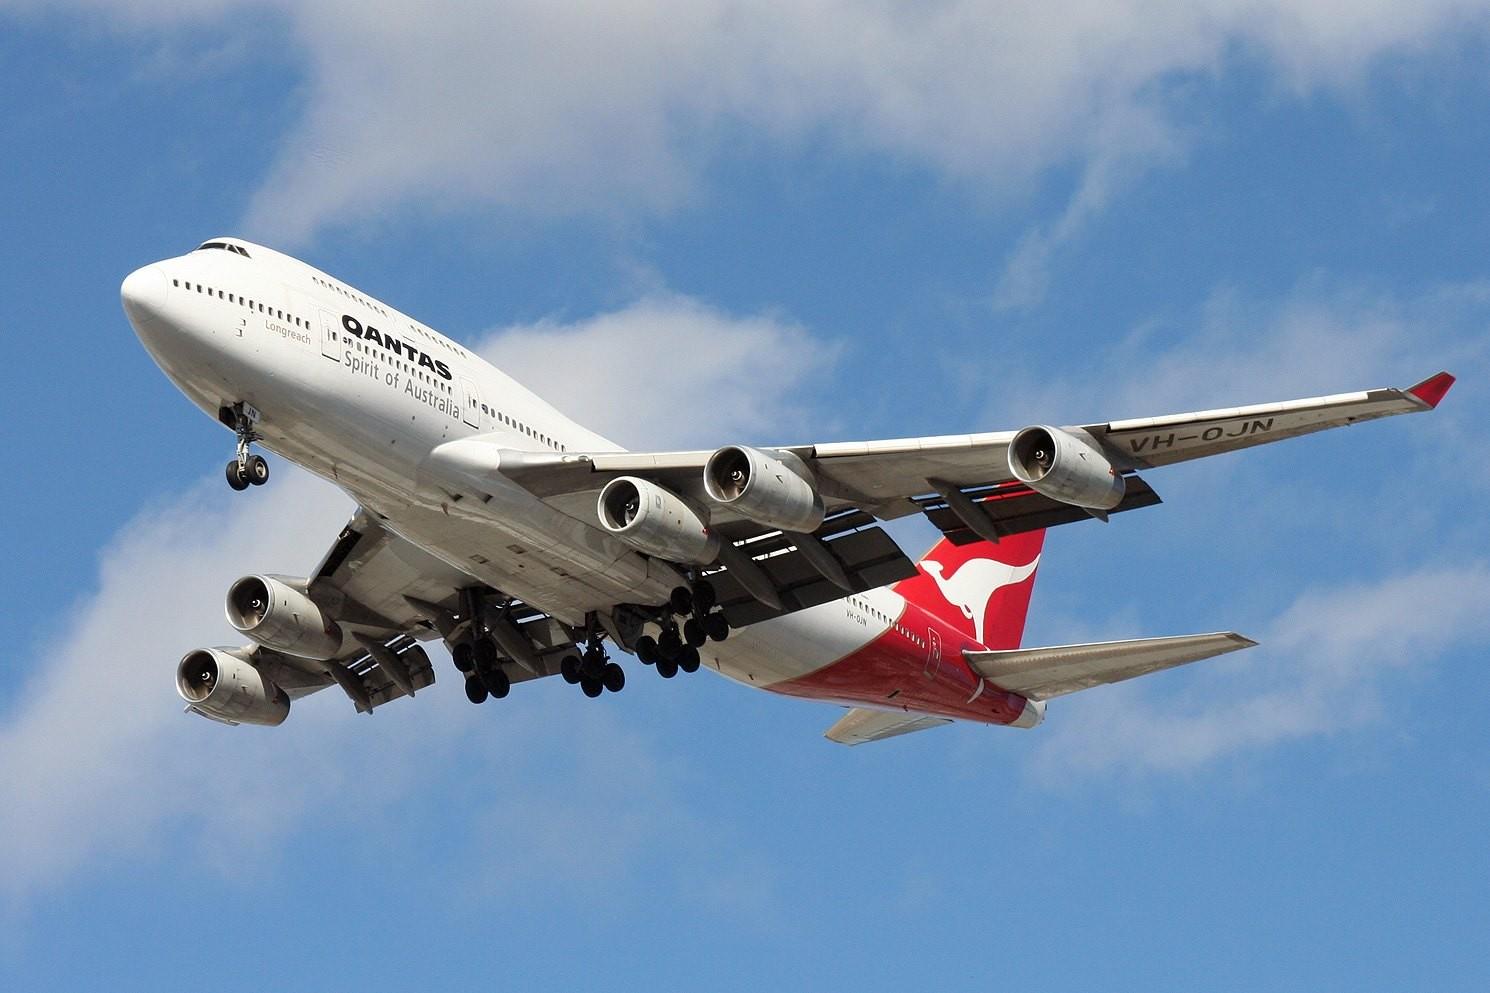 Qantas: Zborul QF63 către Johannesburg a fost operat cu un Boeing 747 având cinci motoare